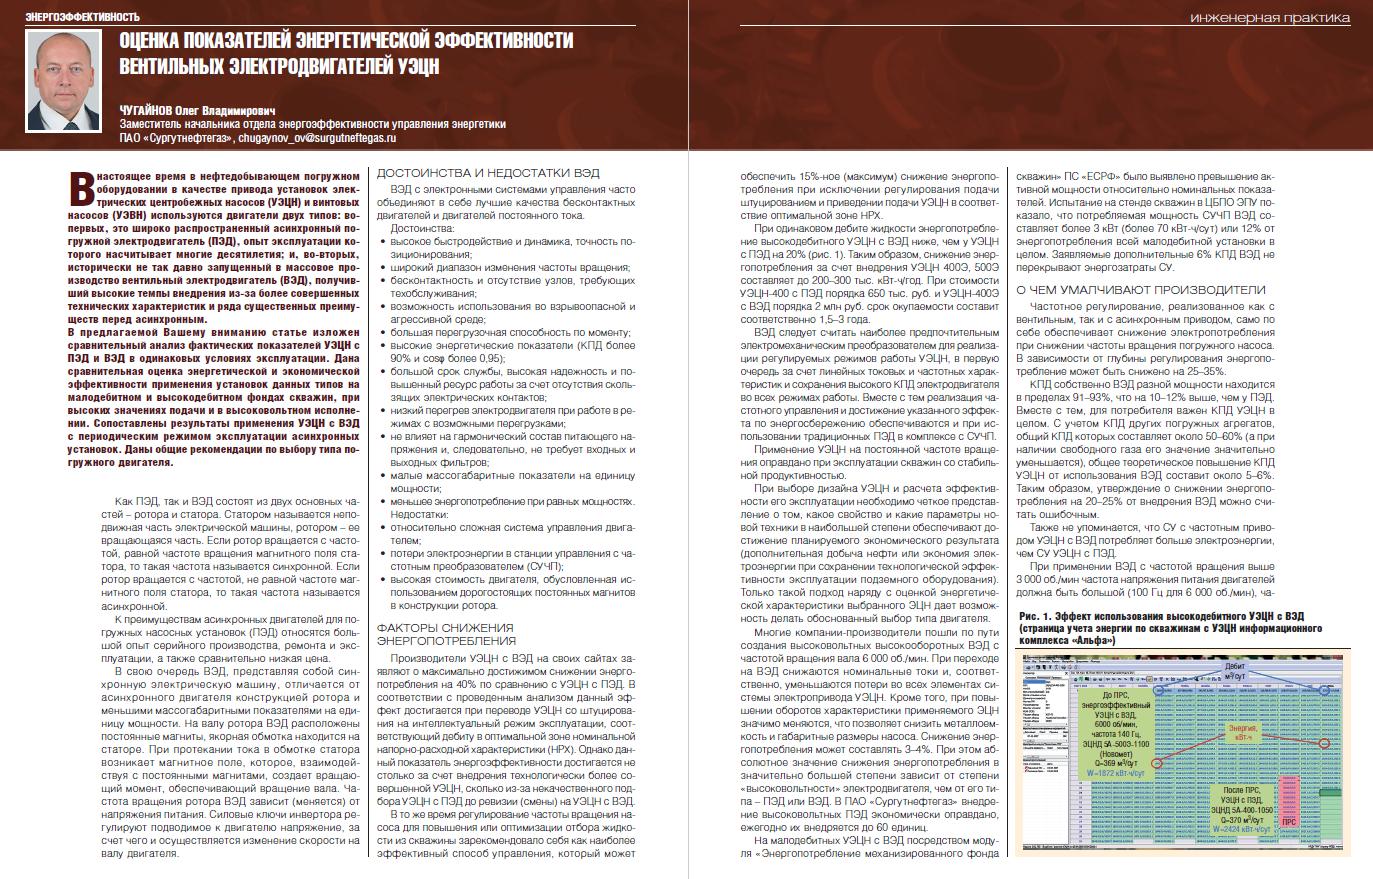 23971 Оценка показателей энергетической эффективности вентильных электродвигателей УЭЦН